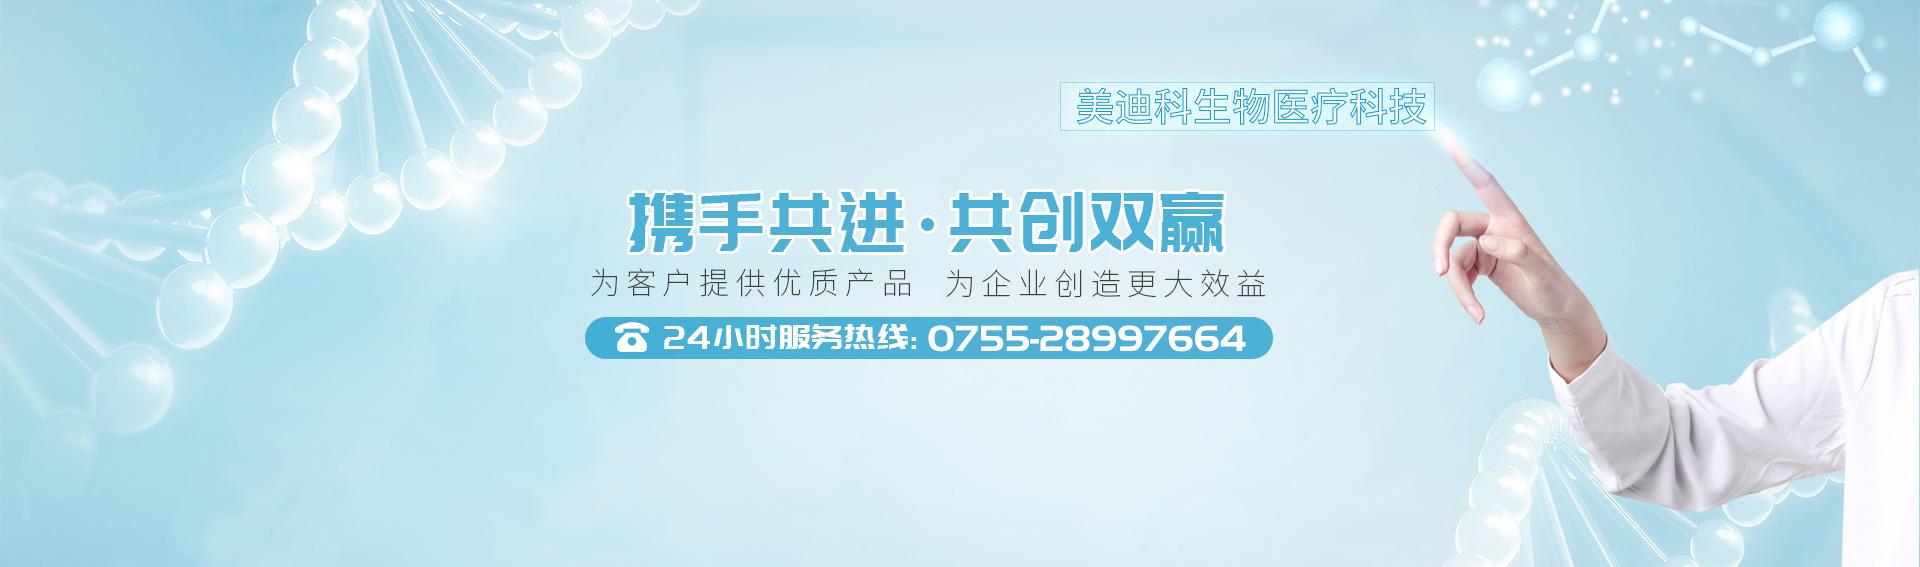 深圳市美迪科生物医疗科技